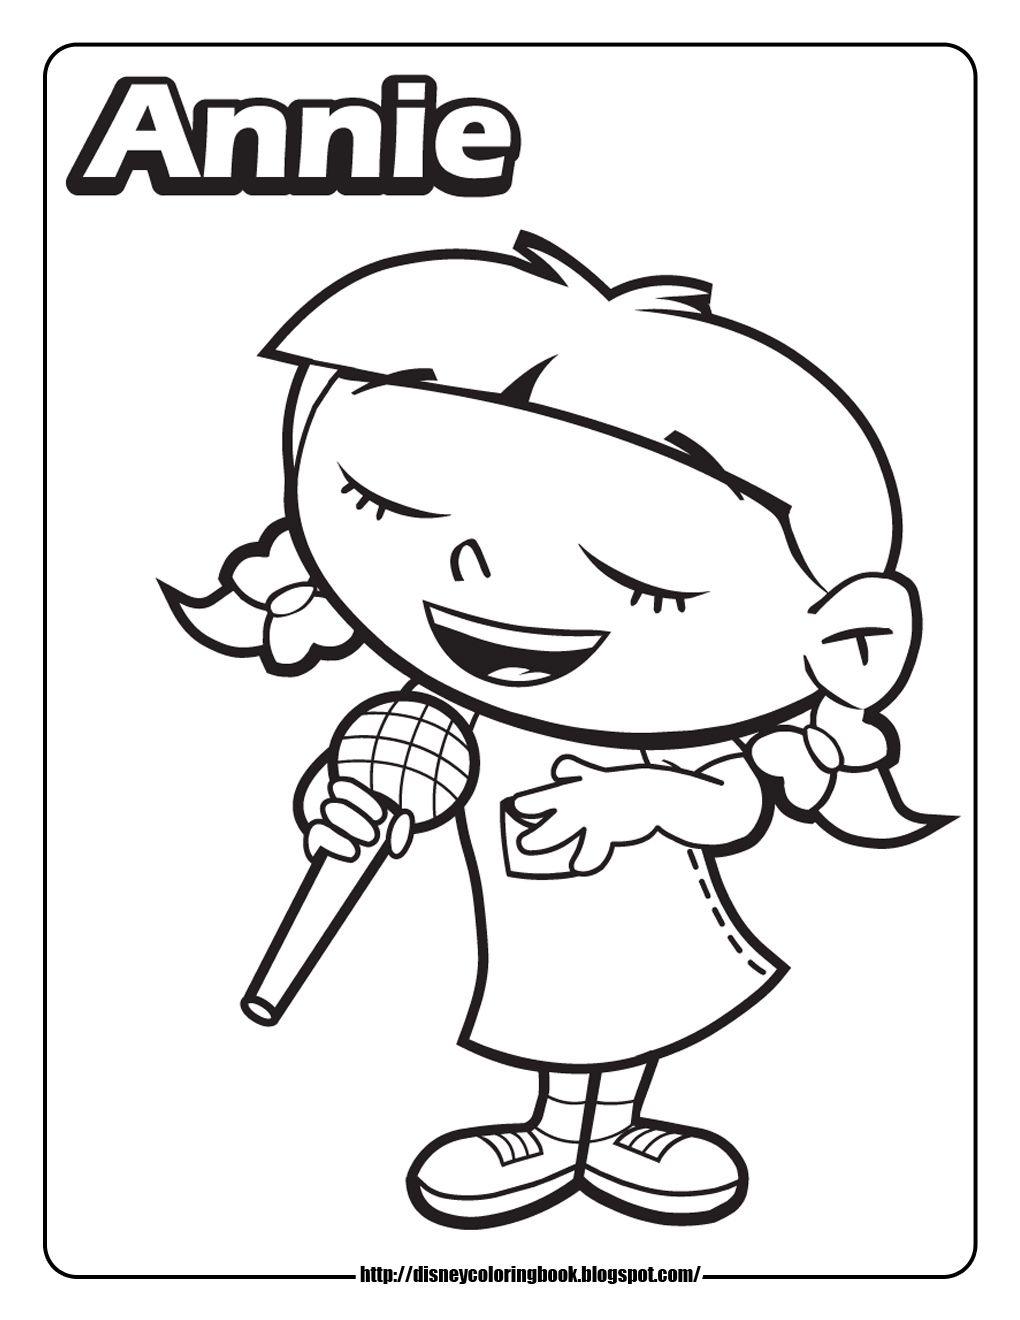 1020x1320 Little Einsteins Annie